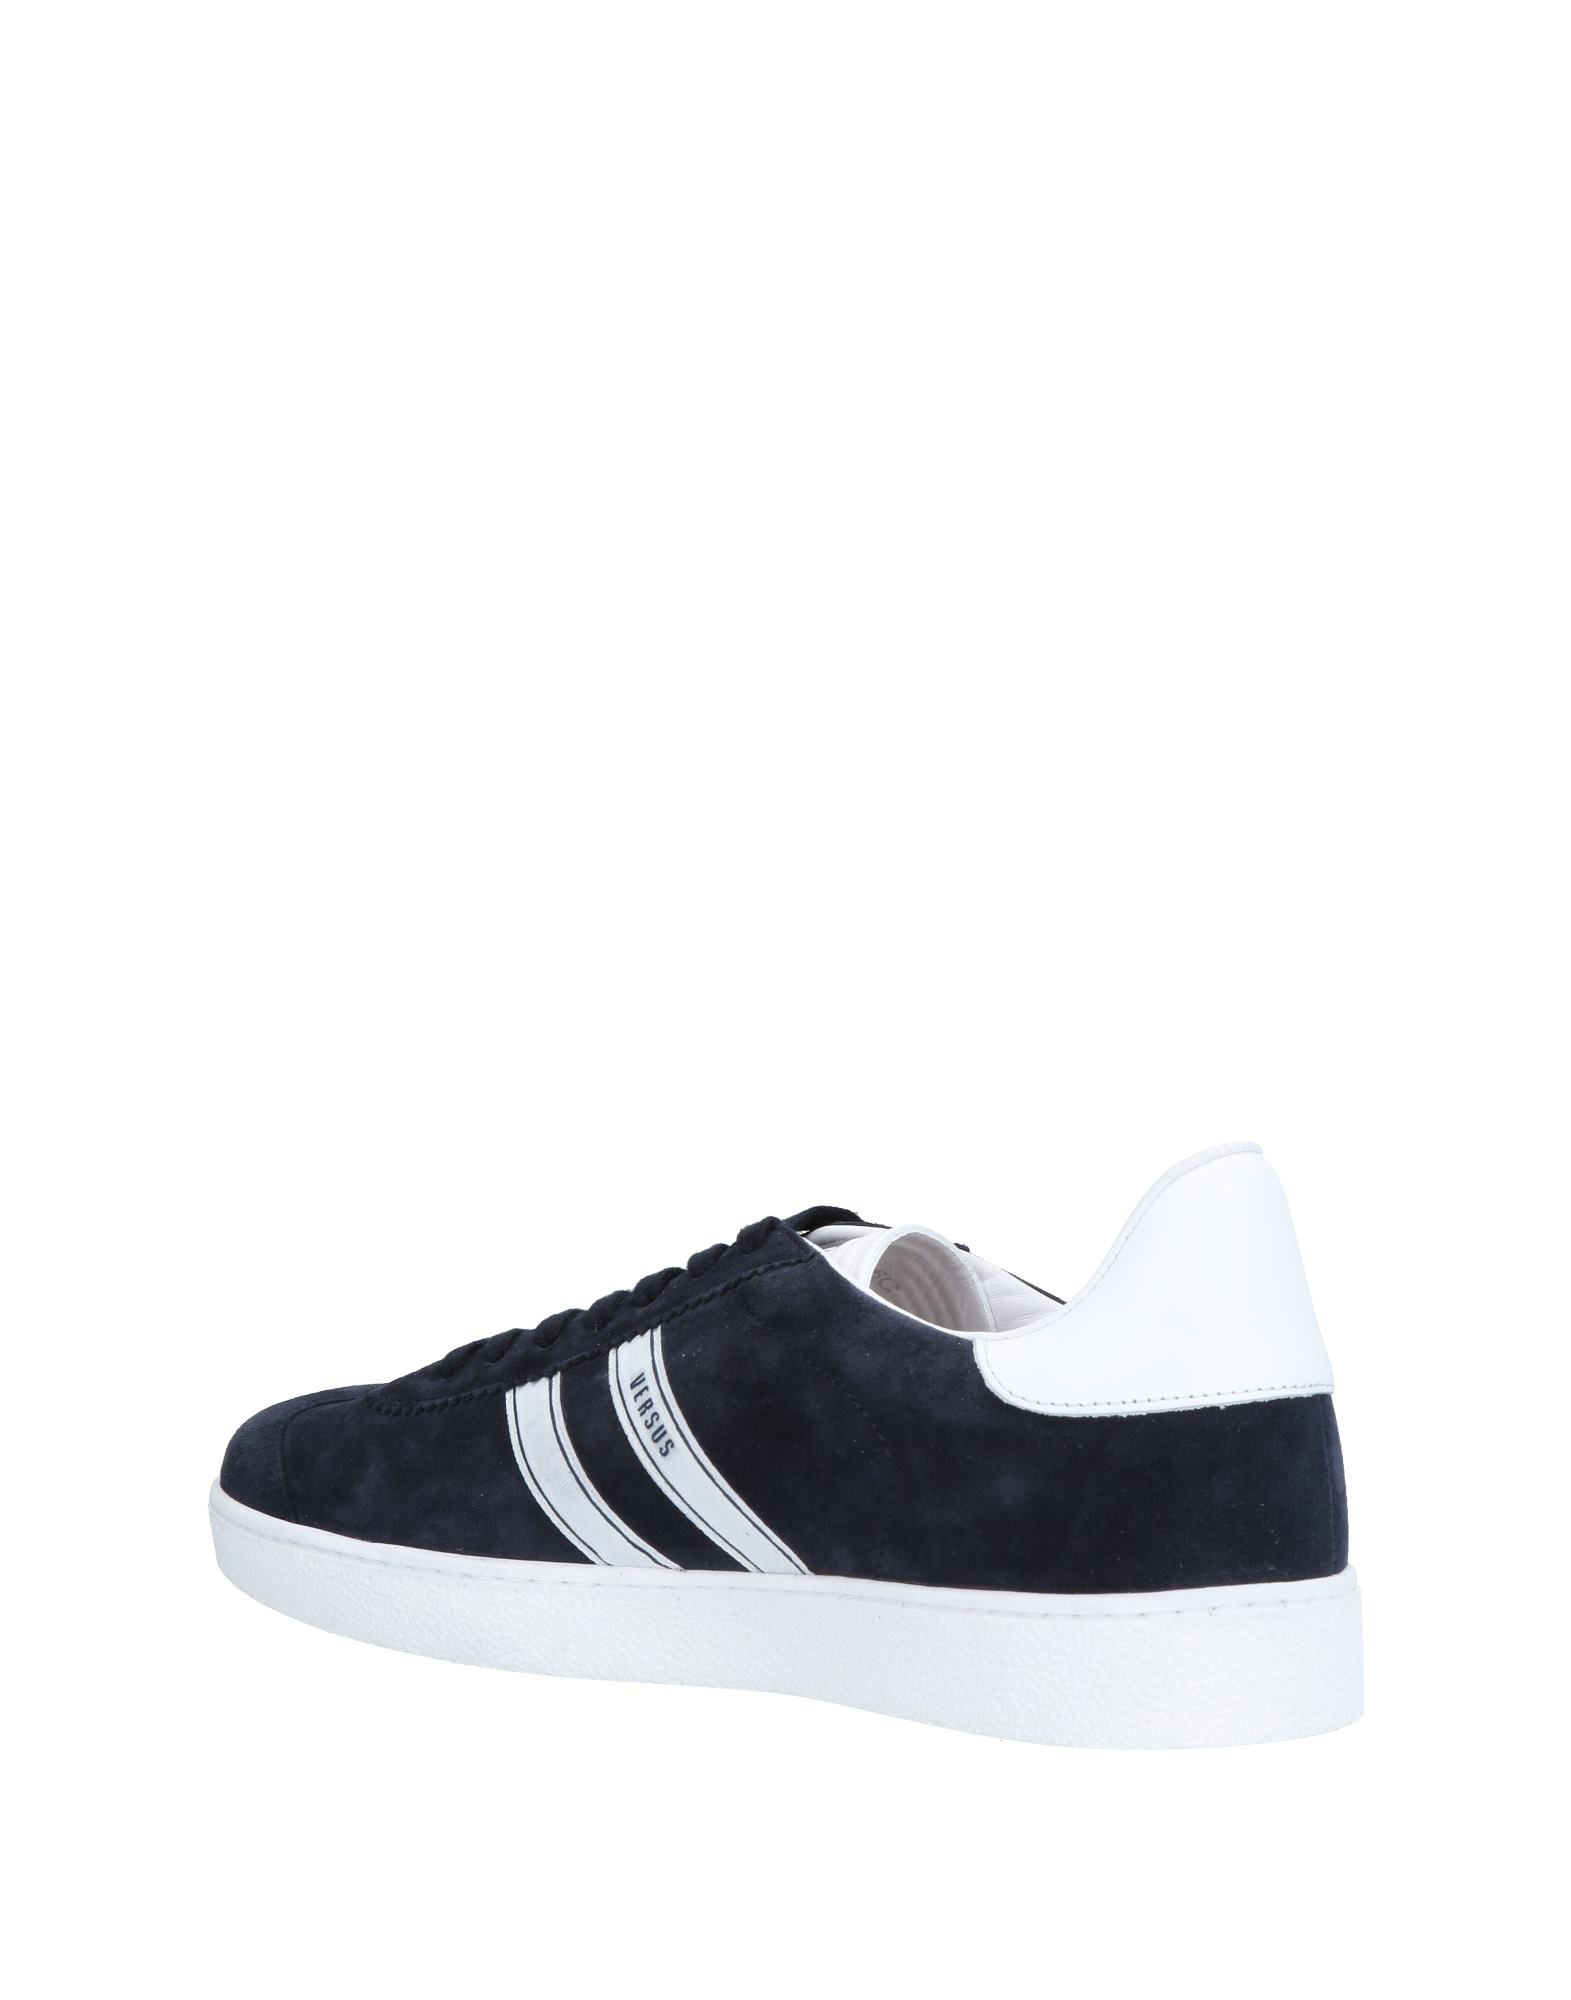 Versus Versus Versus Versace Sneakers Herren  11507209XJ Neue Schuhe 25b3b9